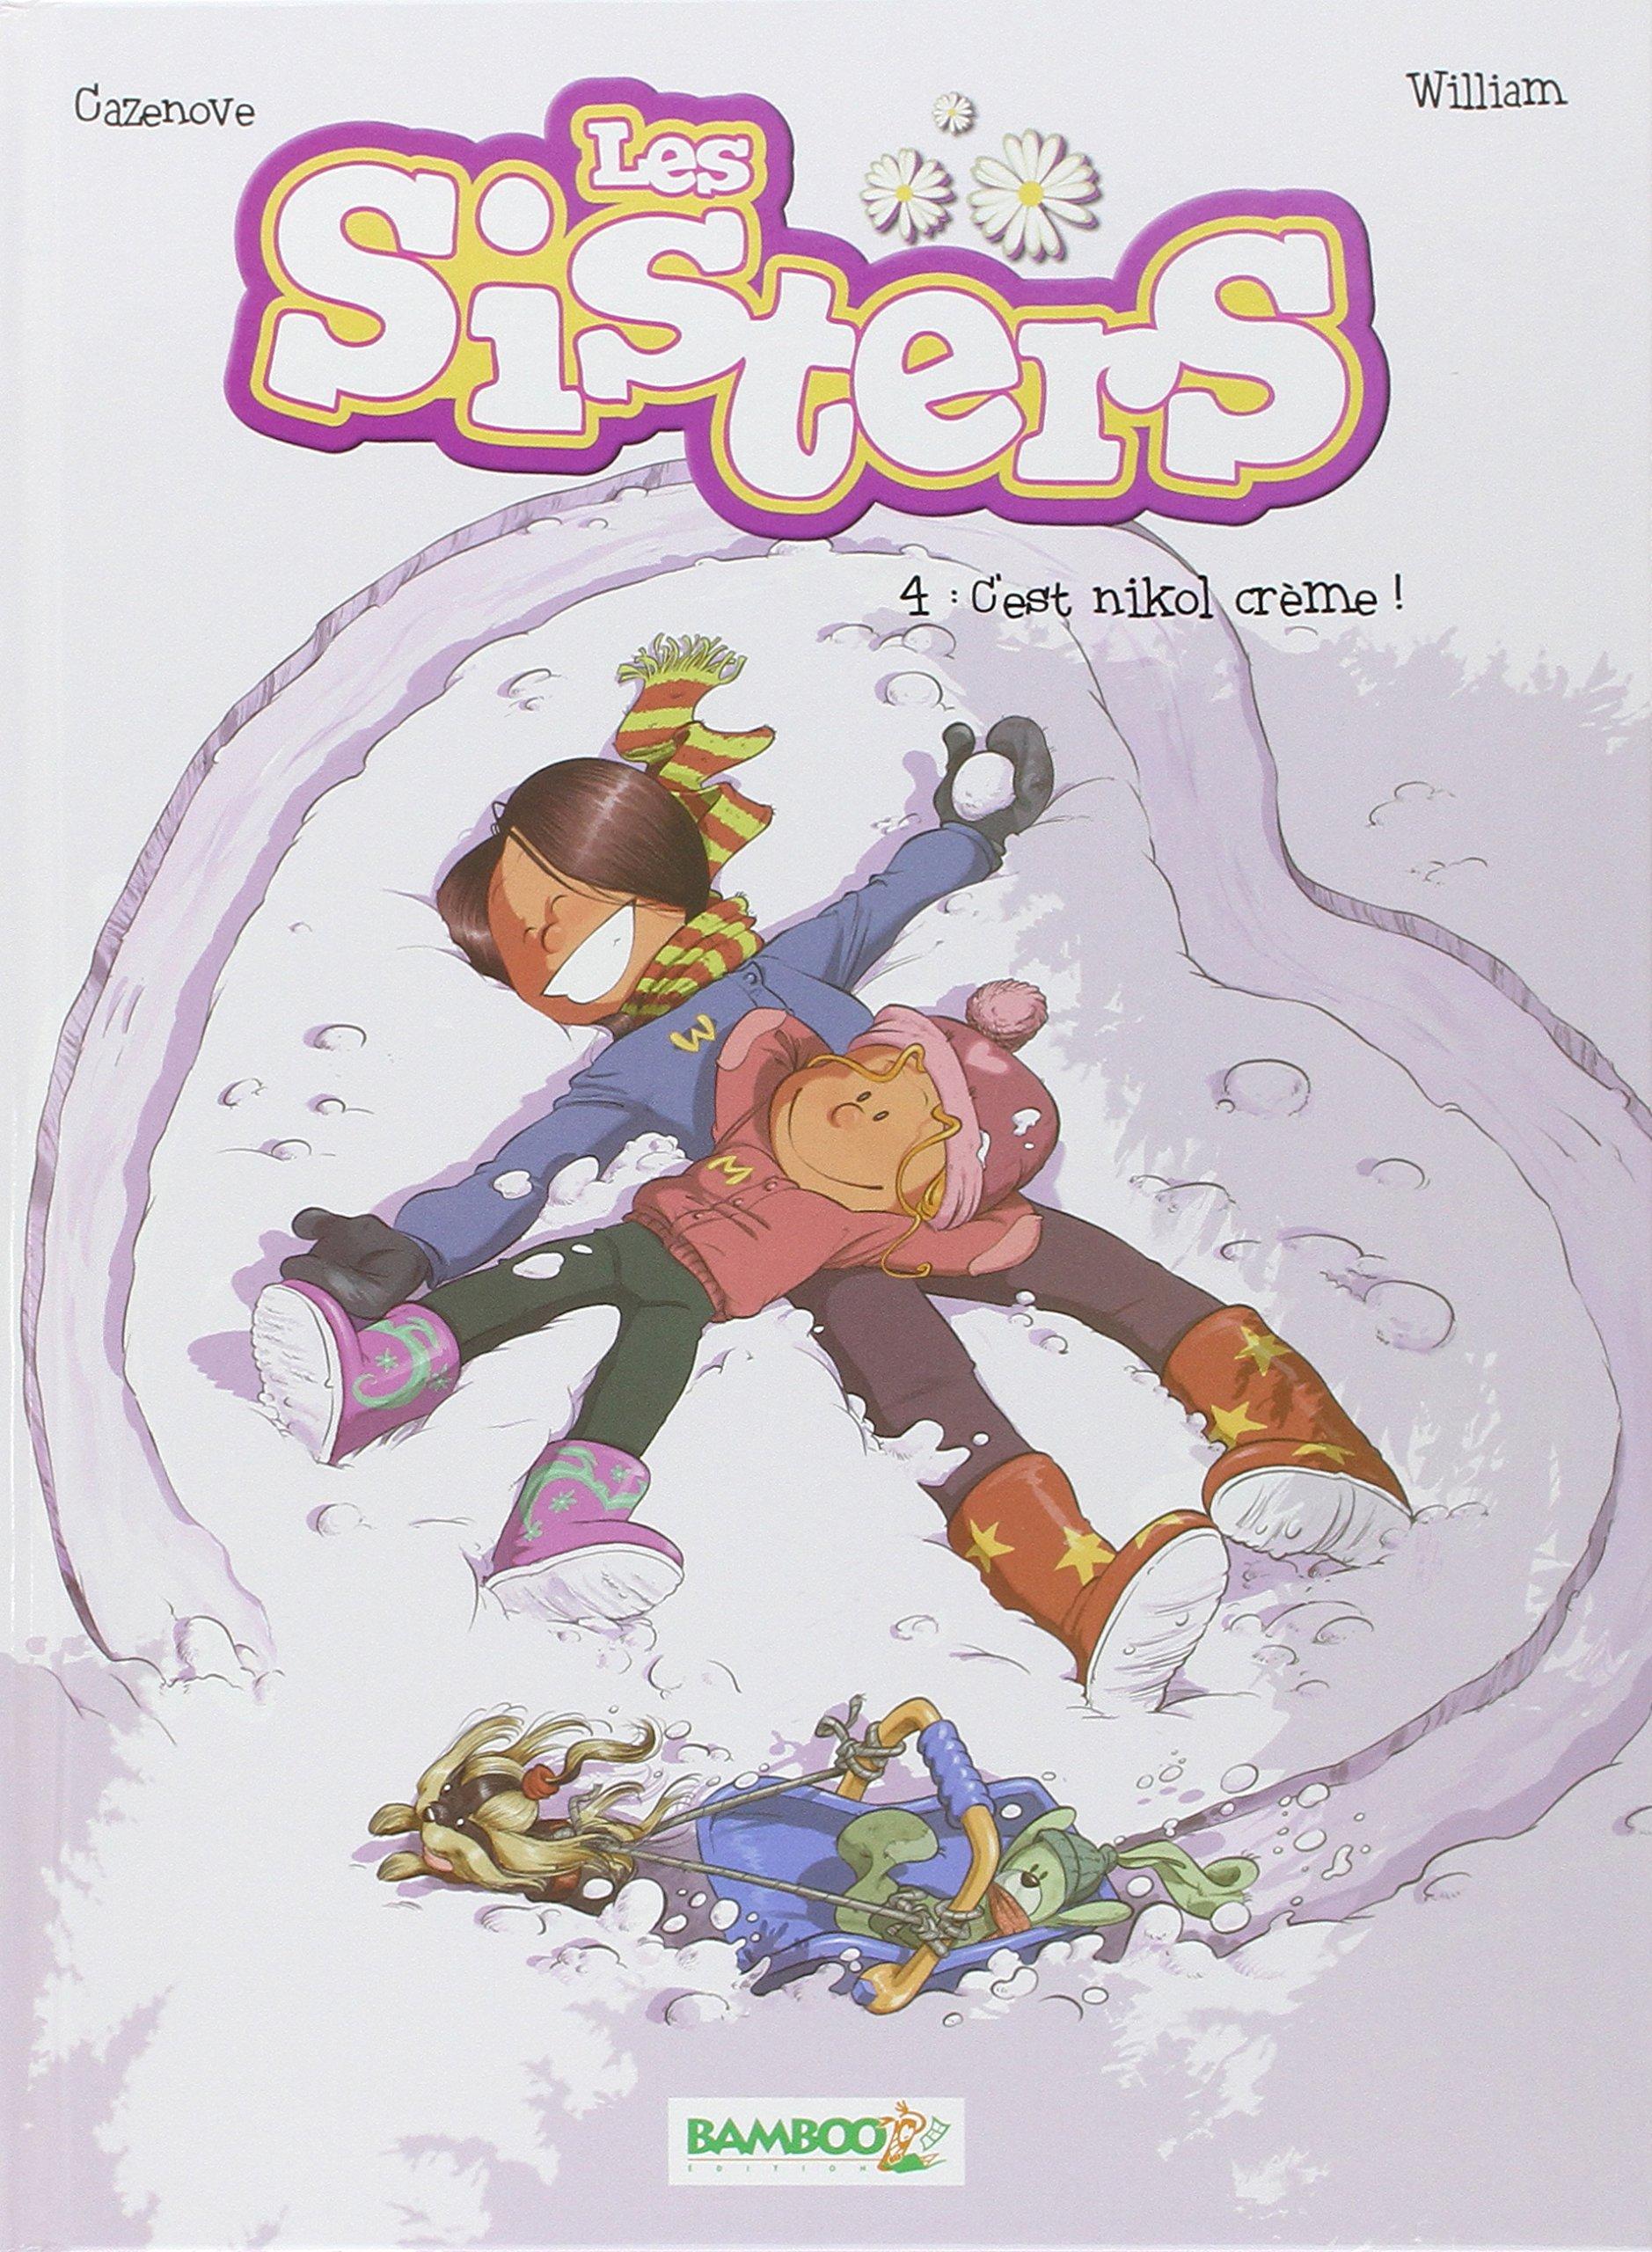 Les Sisters, Tome 4 : C'est nikol crème ! Album – 4 novembre 2009 Christophe Cazenove William Bamboo Editions 2350787826